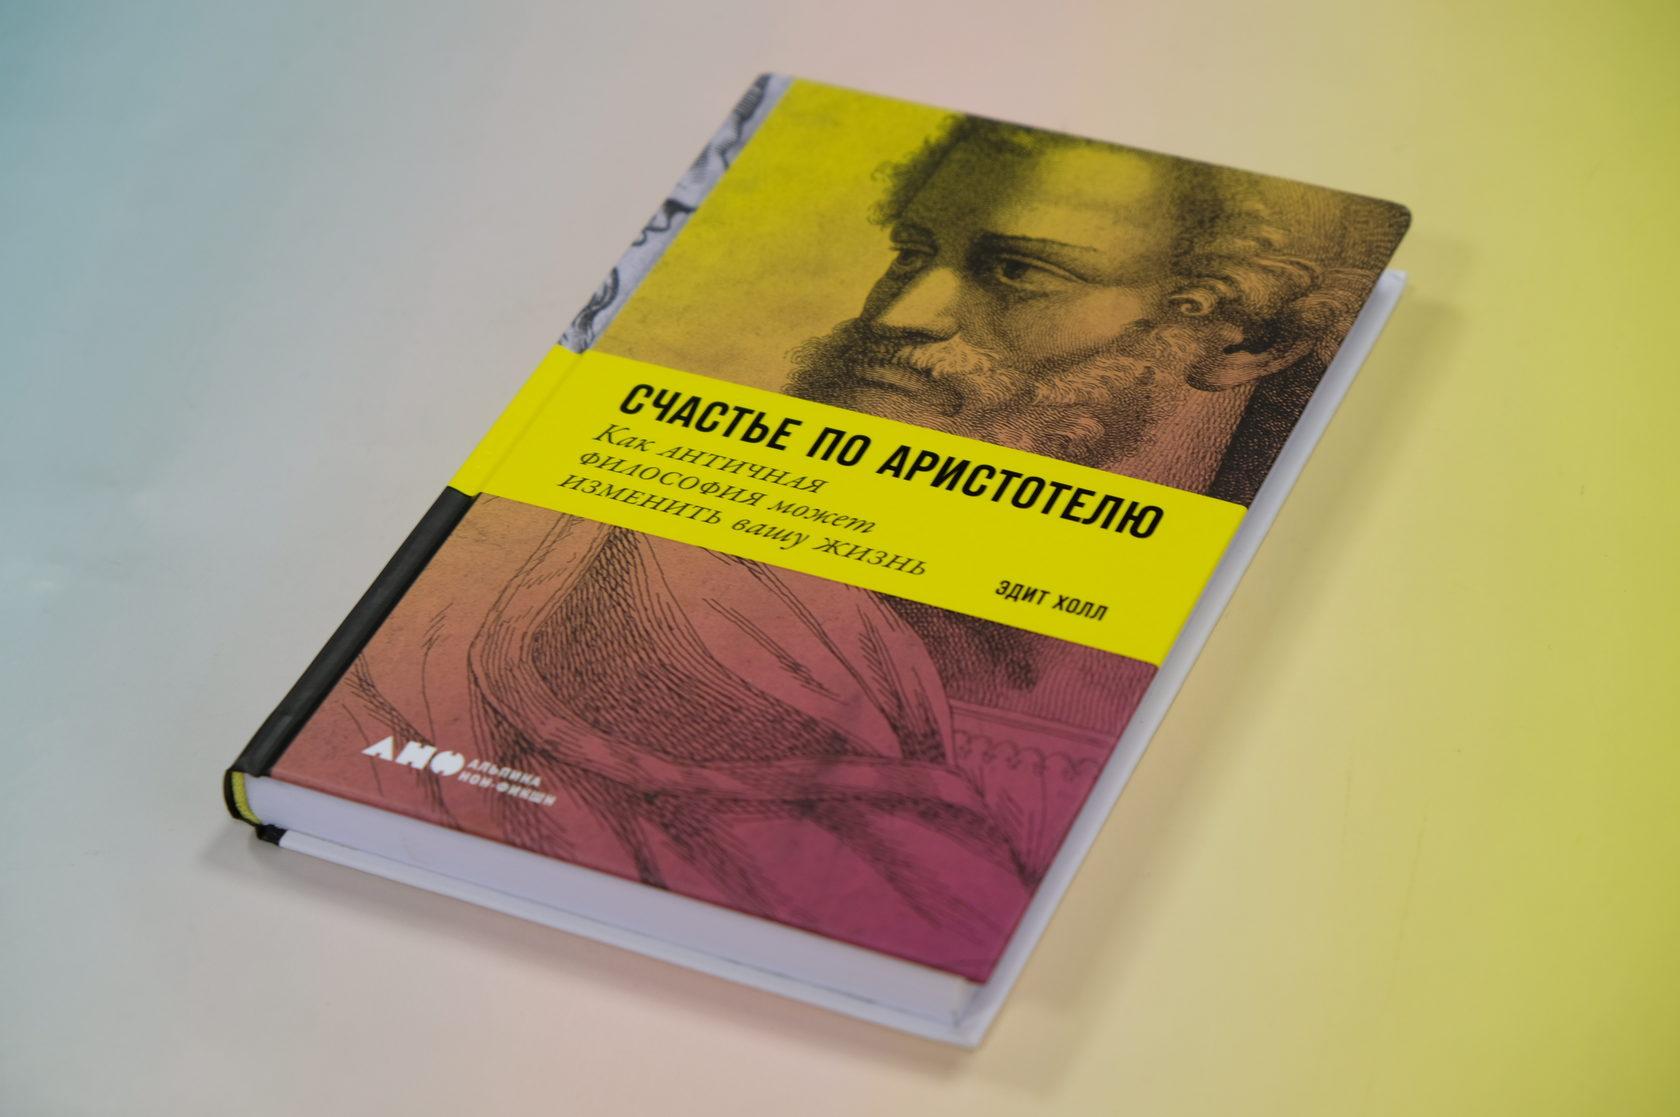 Эдит Холл «Счастье по Аристотелю: Как античная философия может изменить вашу жизнь»  978-5-00139-087-9